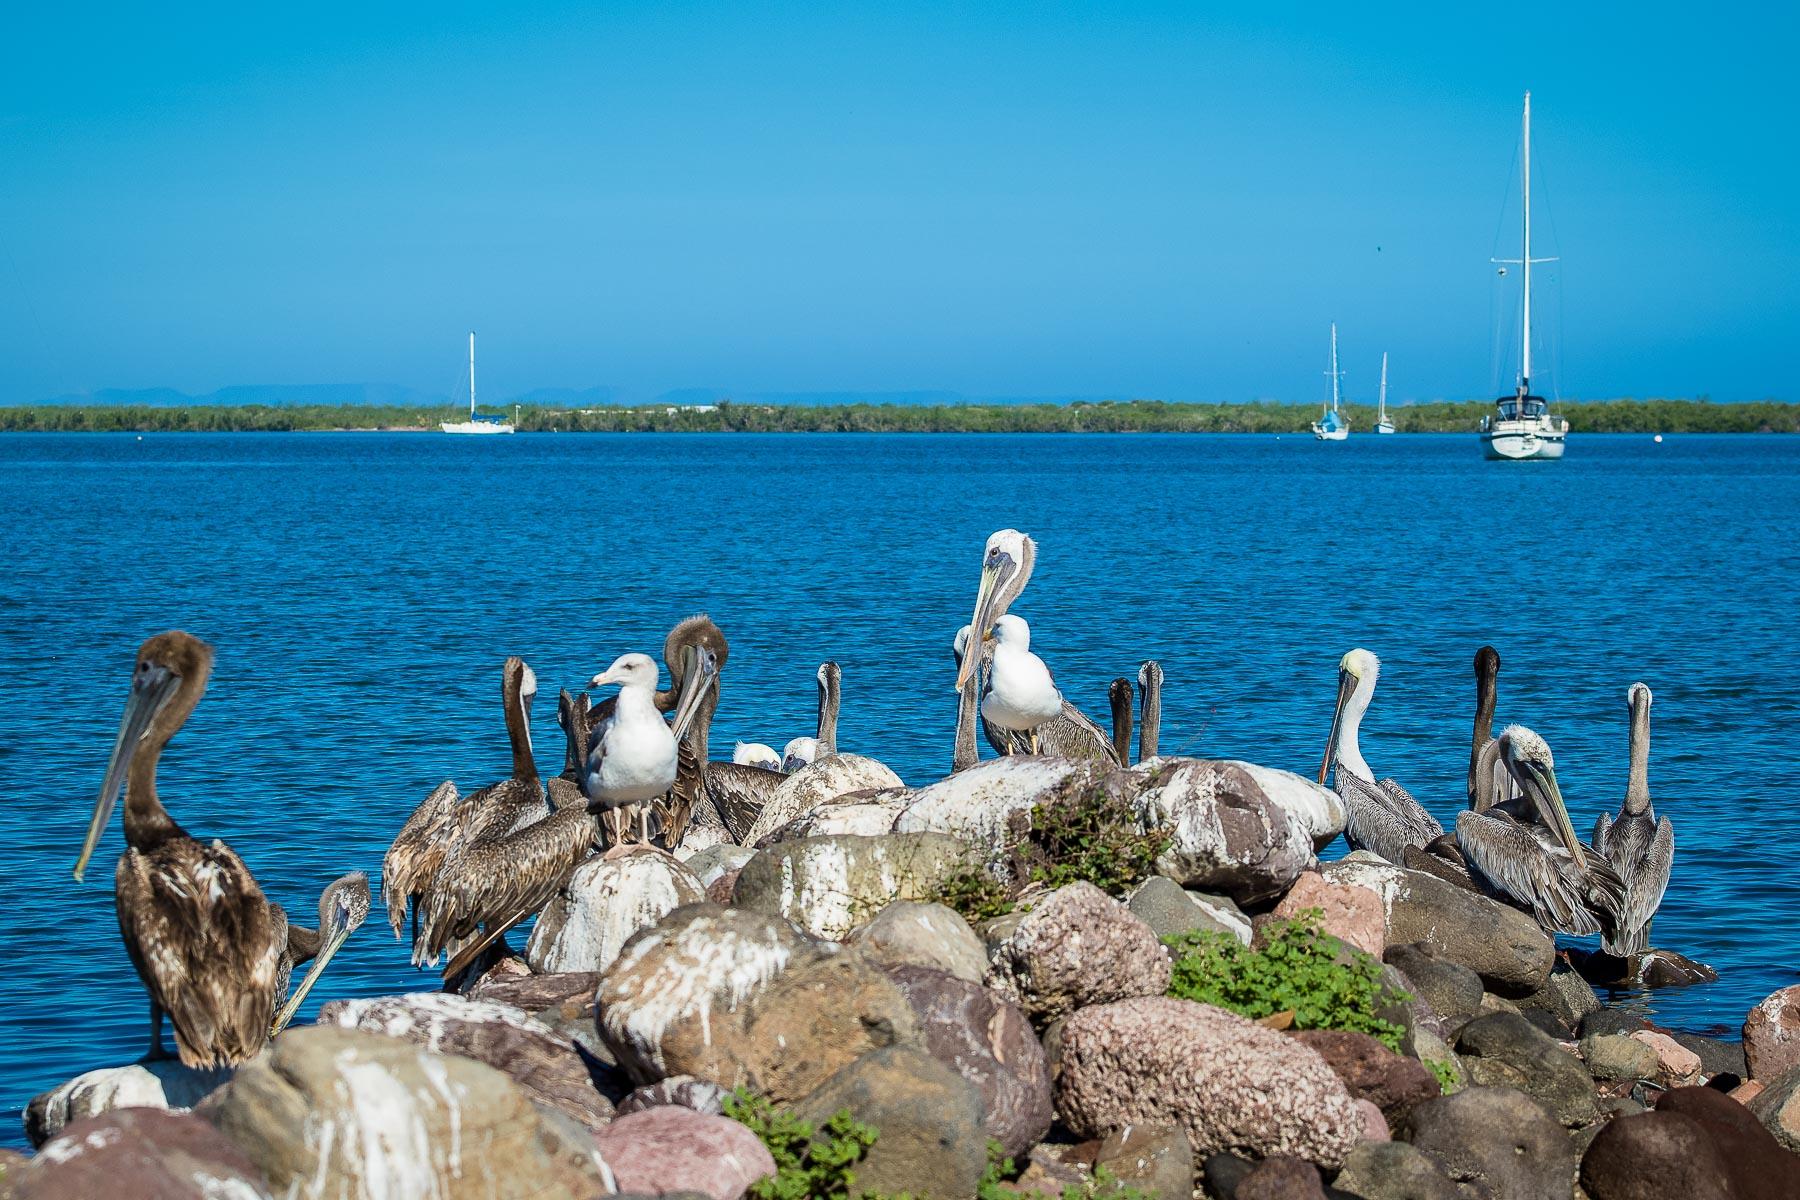 Pelicans in La Paz